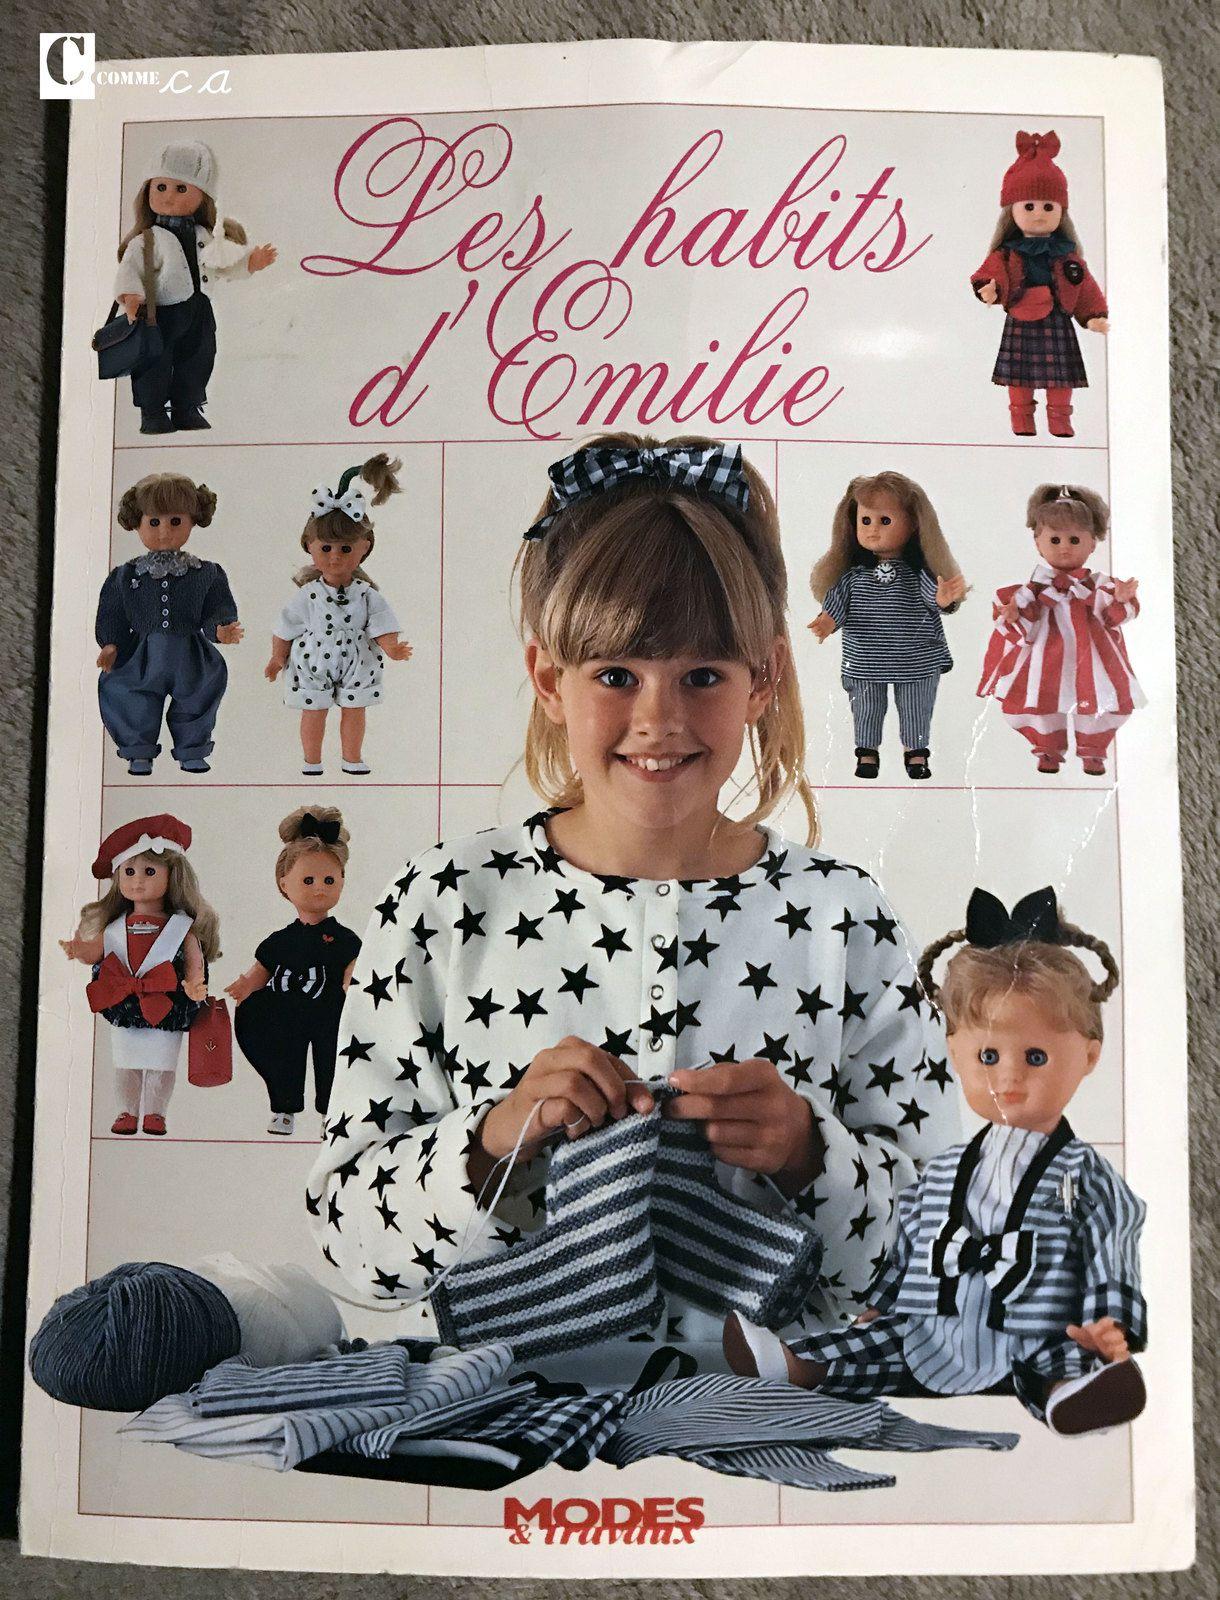 Les habits d'Emilie • Editions Modes & Travaux • 1987